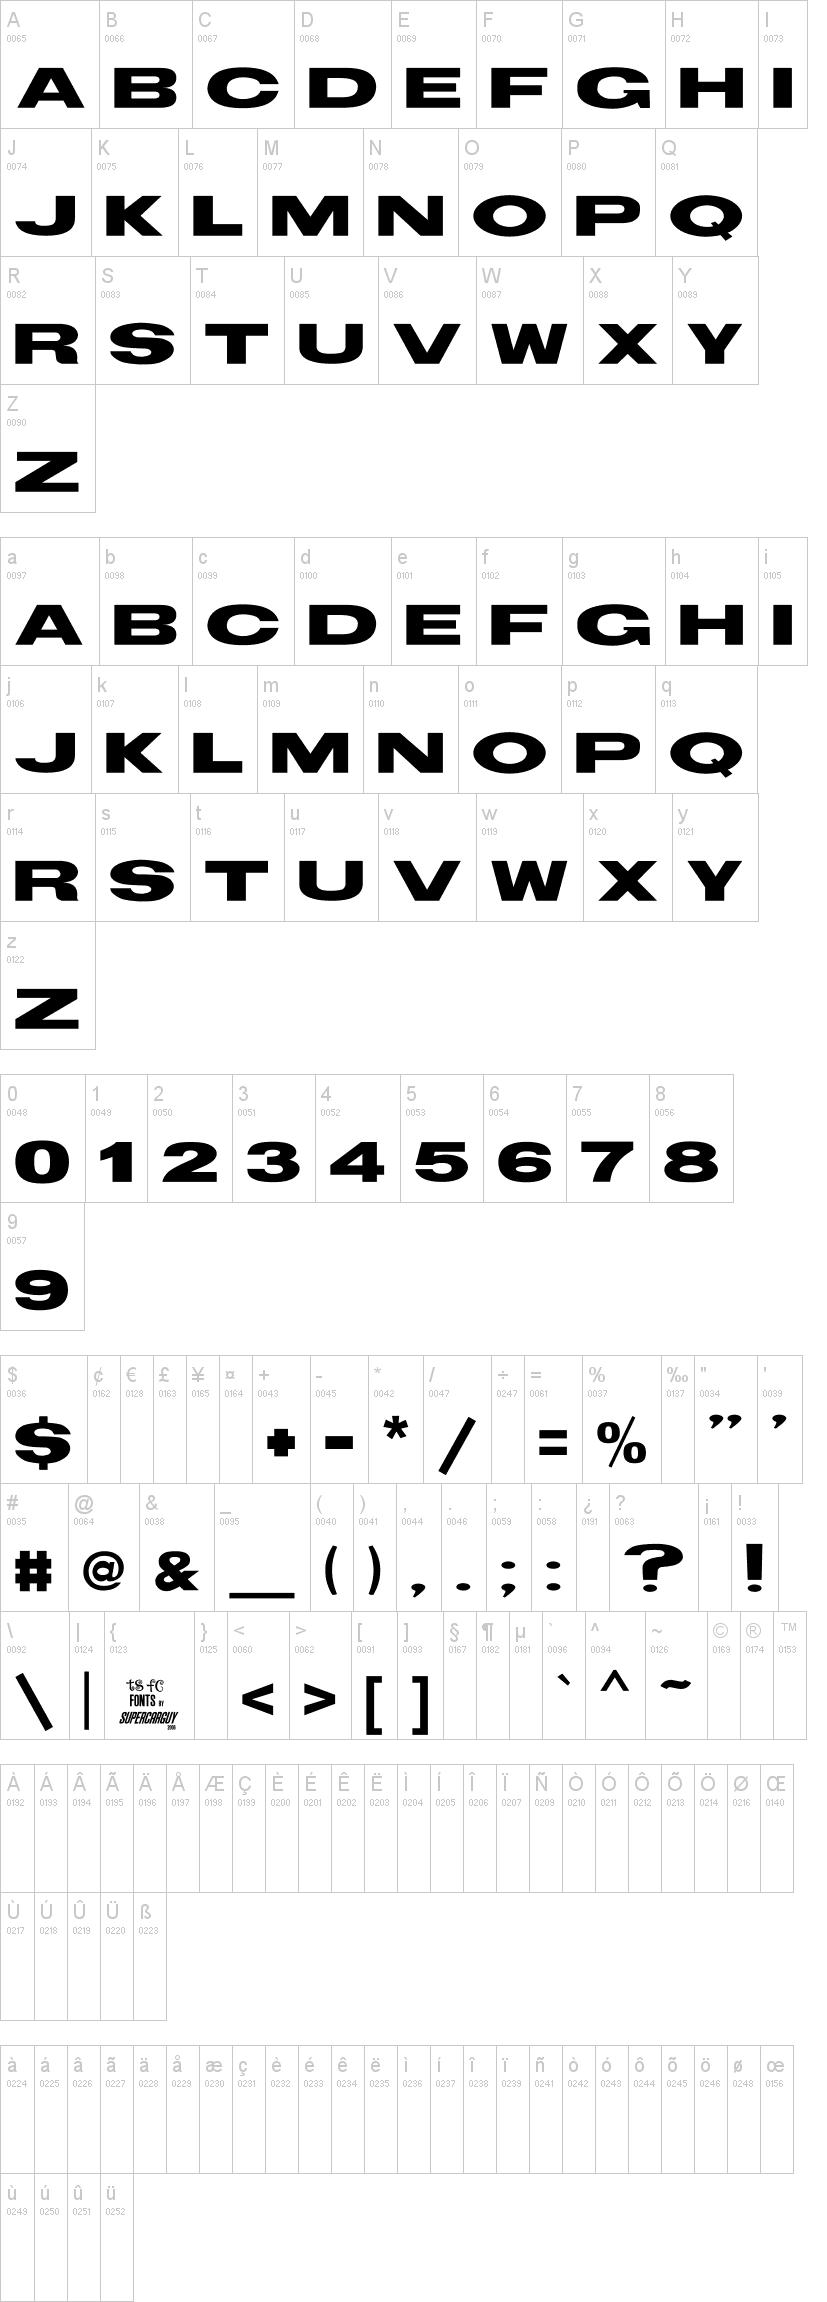 TS Block Font | dafont com